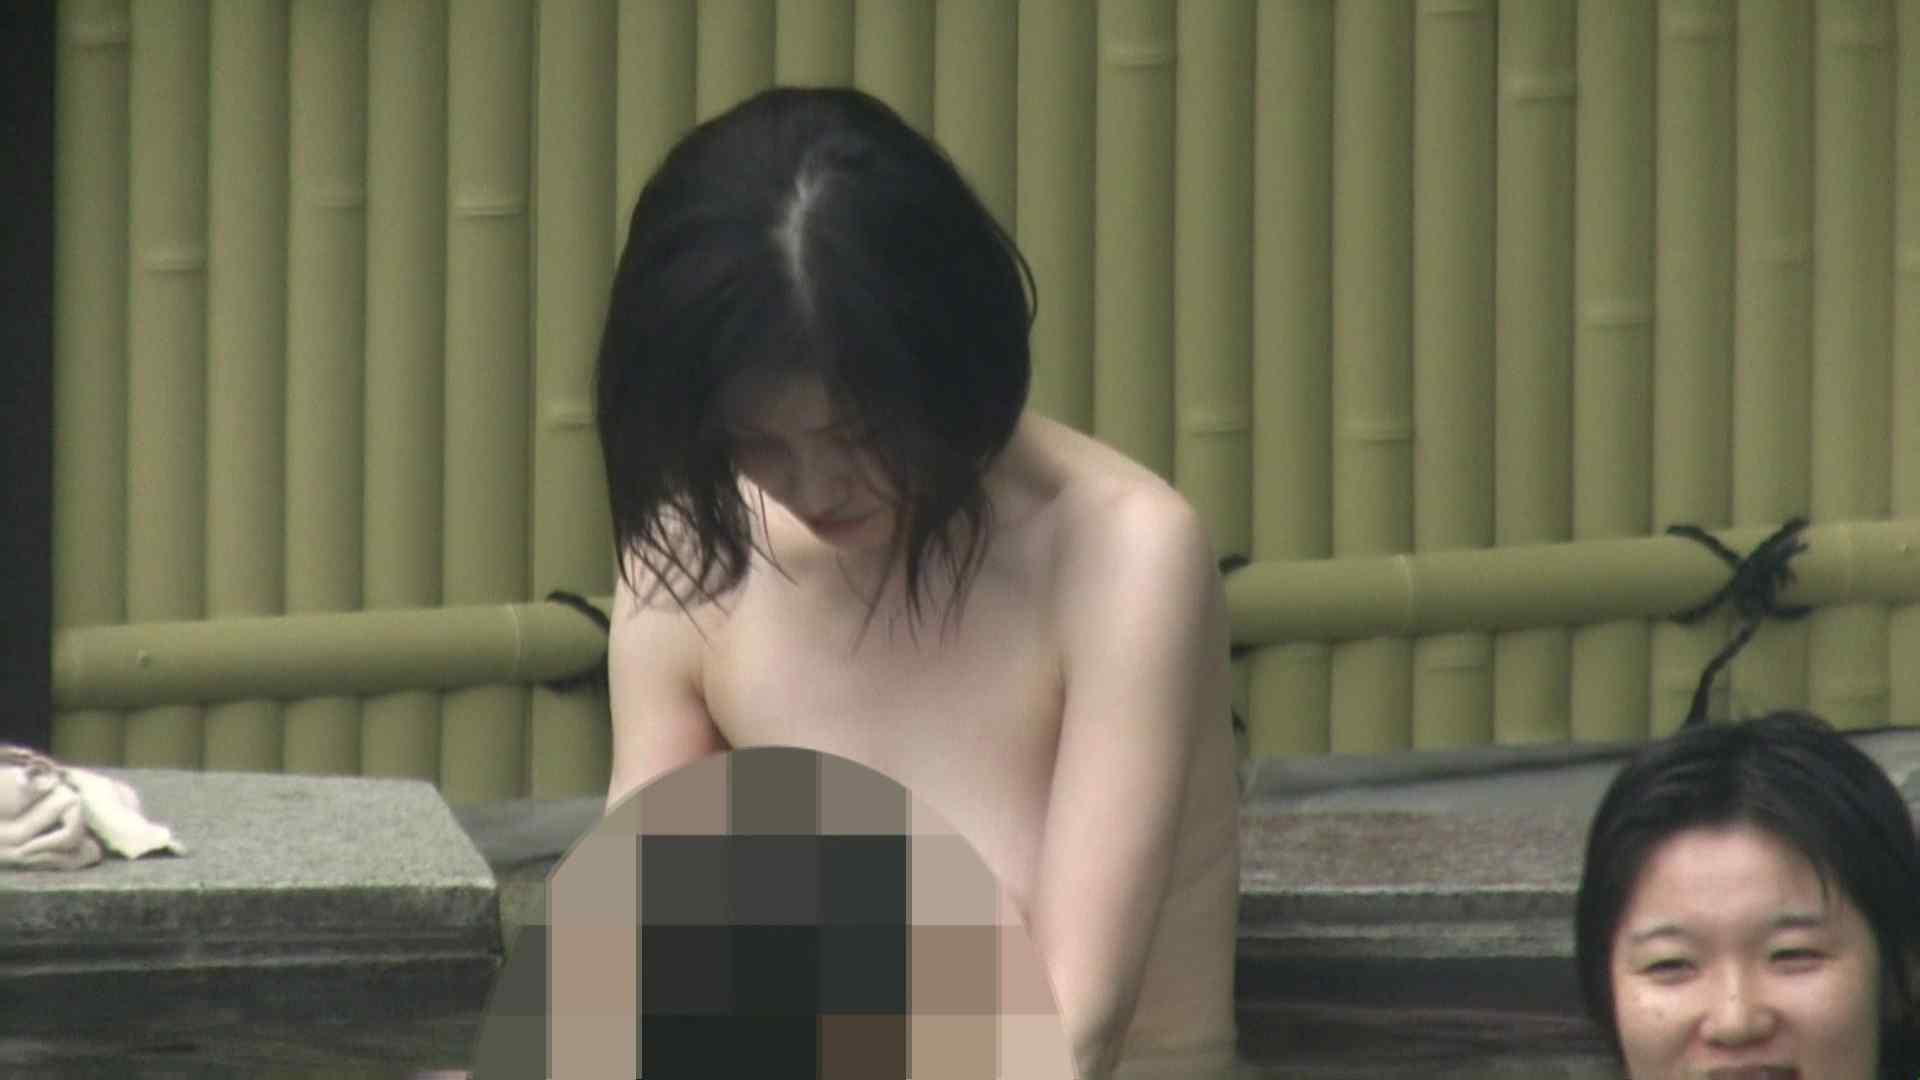 高画質露天女風呂観察 vol.035 女風呂 オメコ無修正動画無料 84枚 83